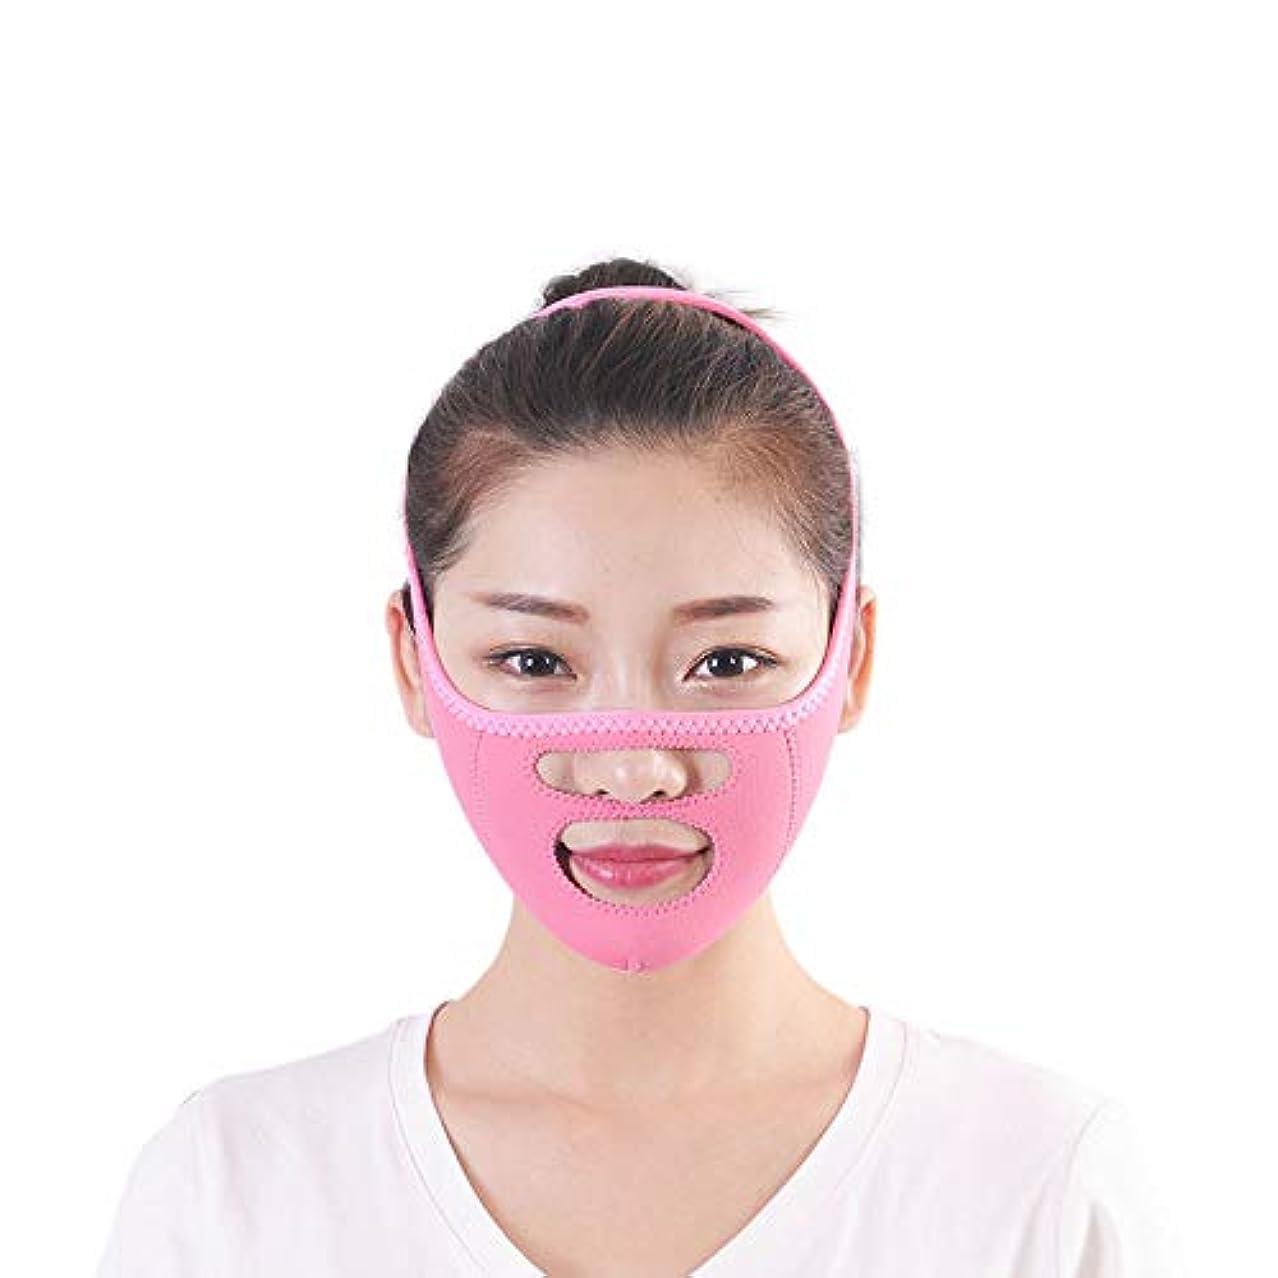 自体果てしないそれにもかかわらず二重あごの顔の減量の緩和を改善するためのフェイスリフティングアーチファクトマスク、ビームフェイス包帯/小型Vフェイスリフティングタイト補正,Blue